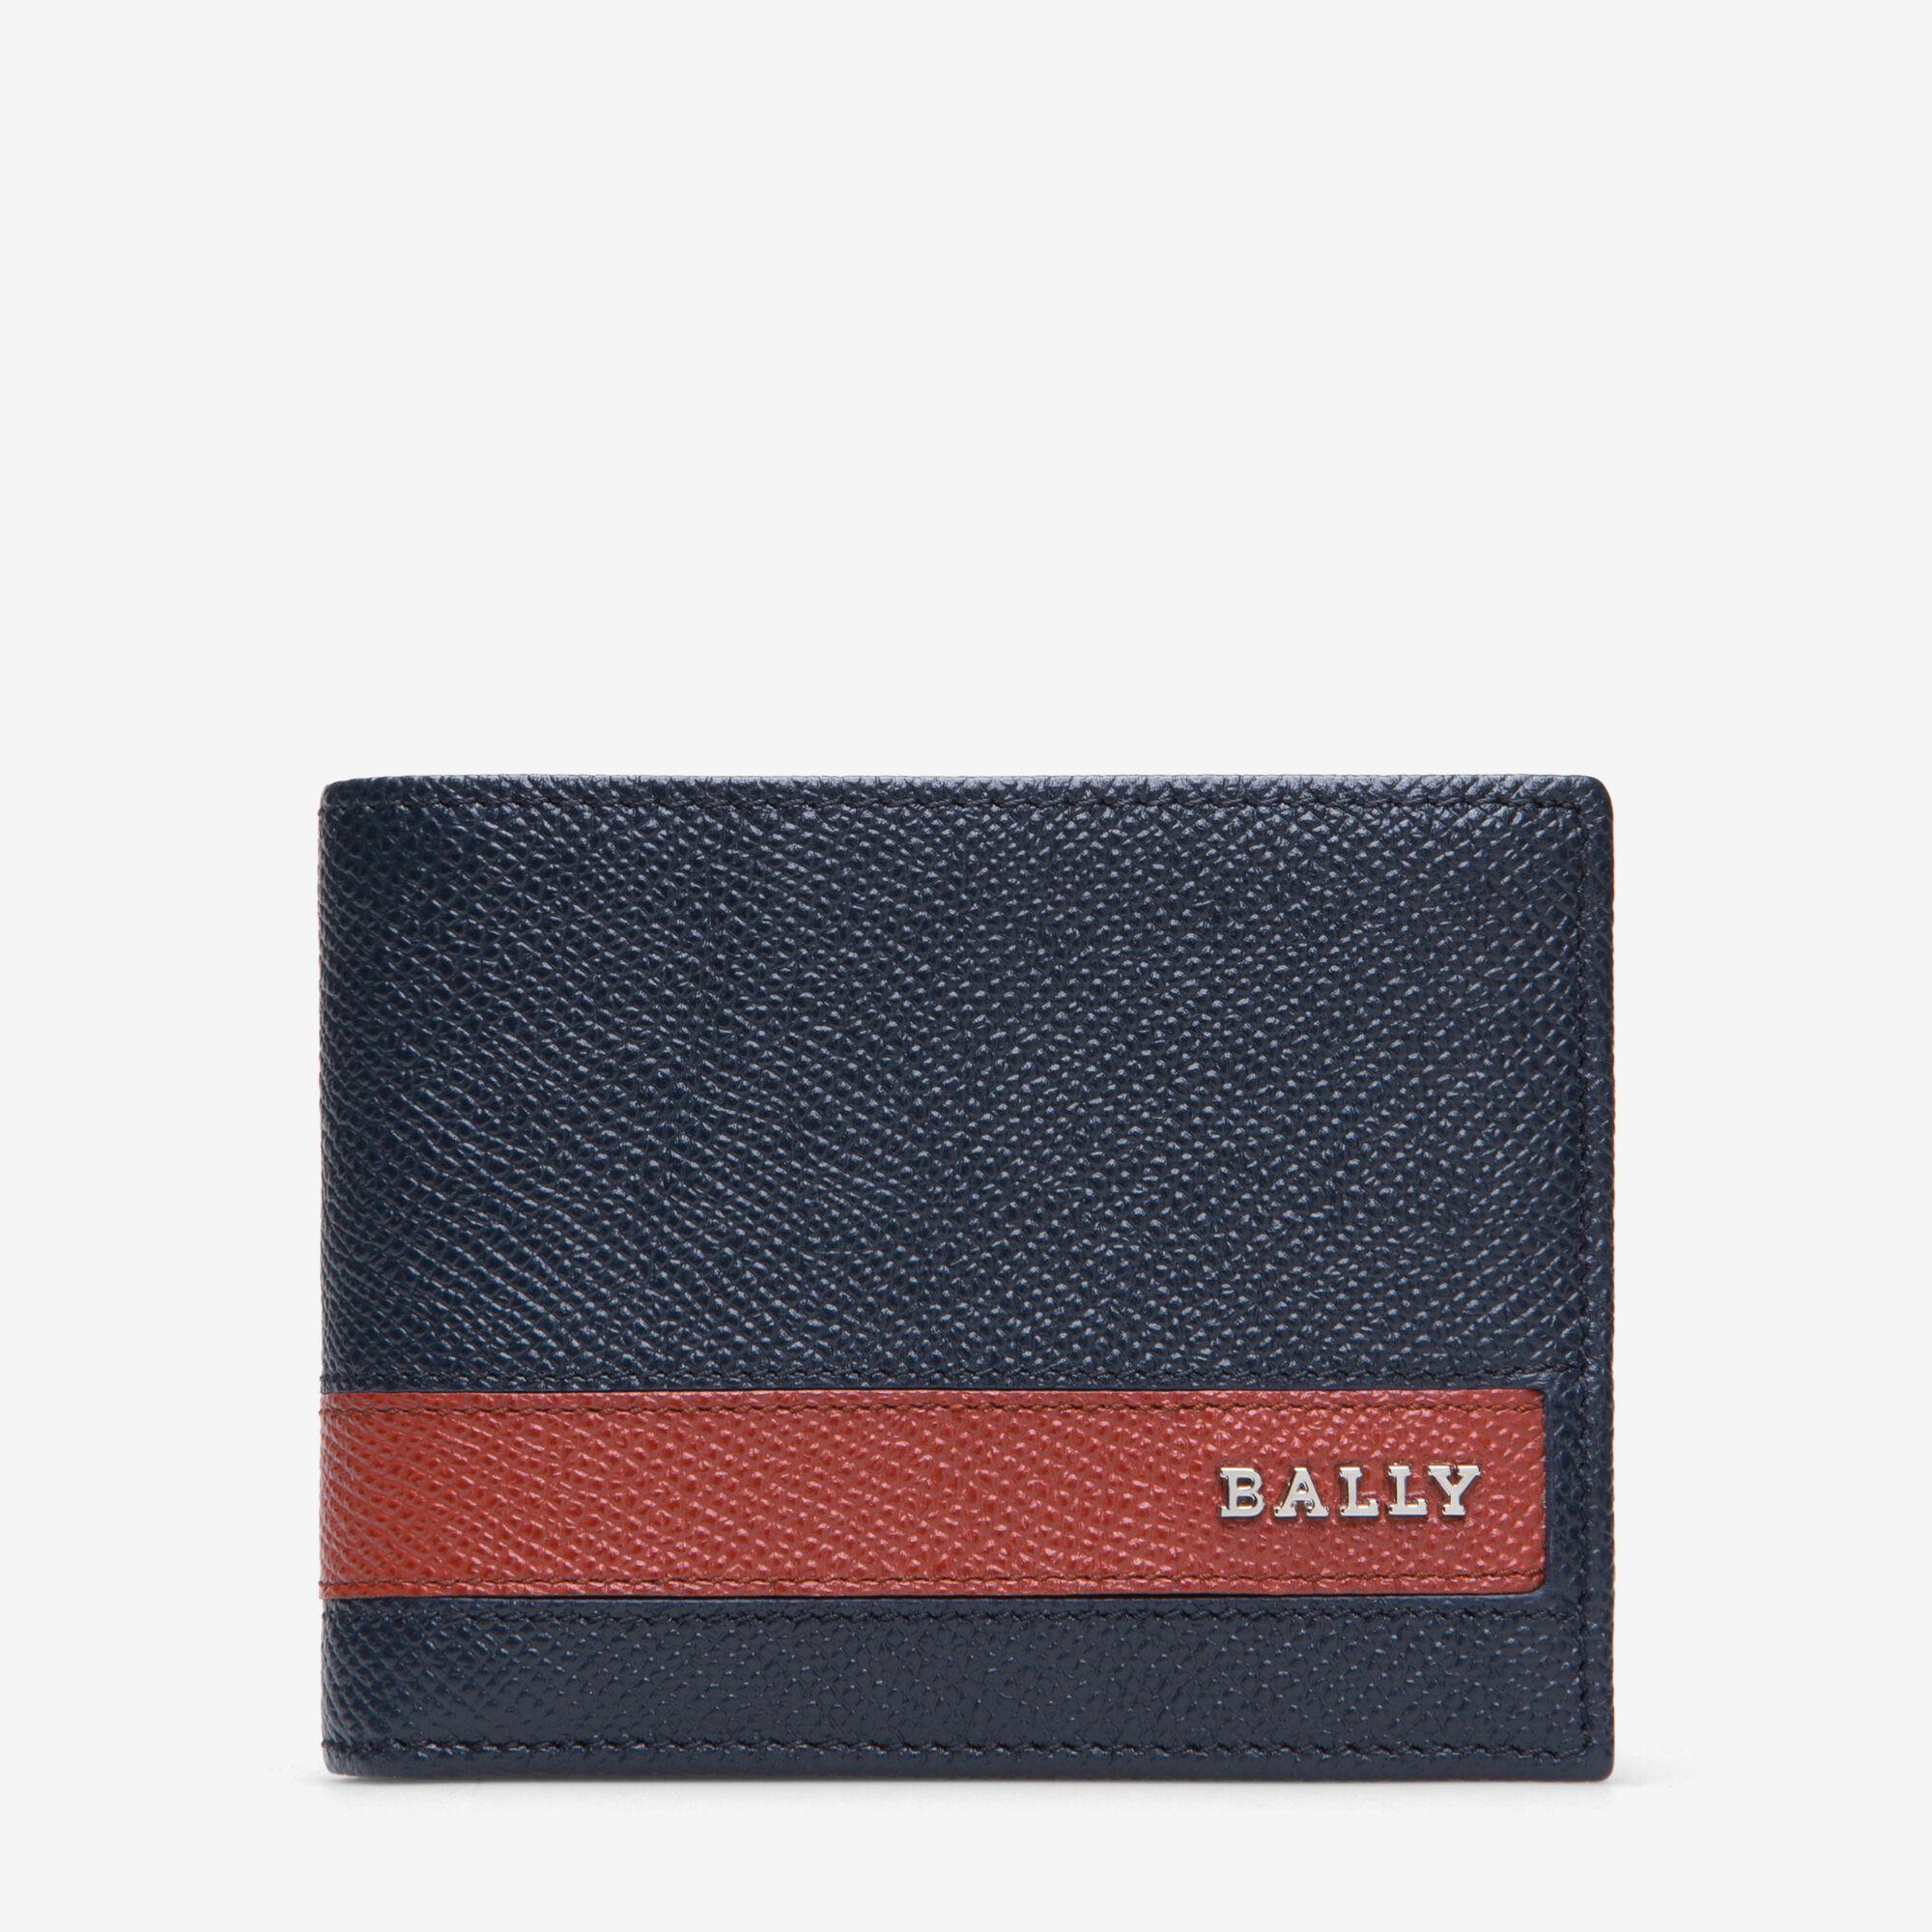 財布,ブランド,メンズ,男,長財布,二つ折り財布,おすすめ,革,画像